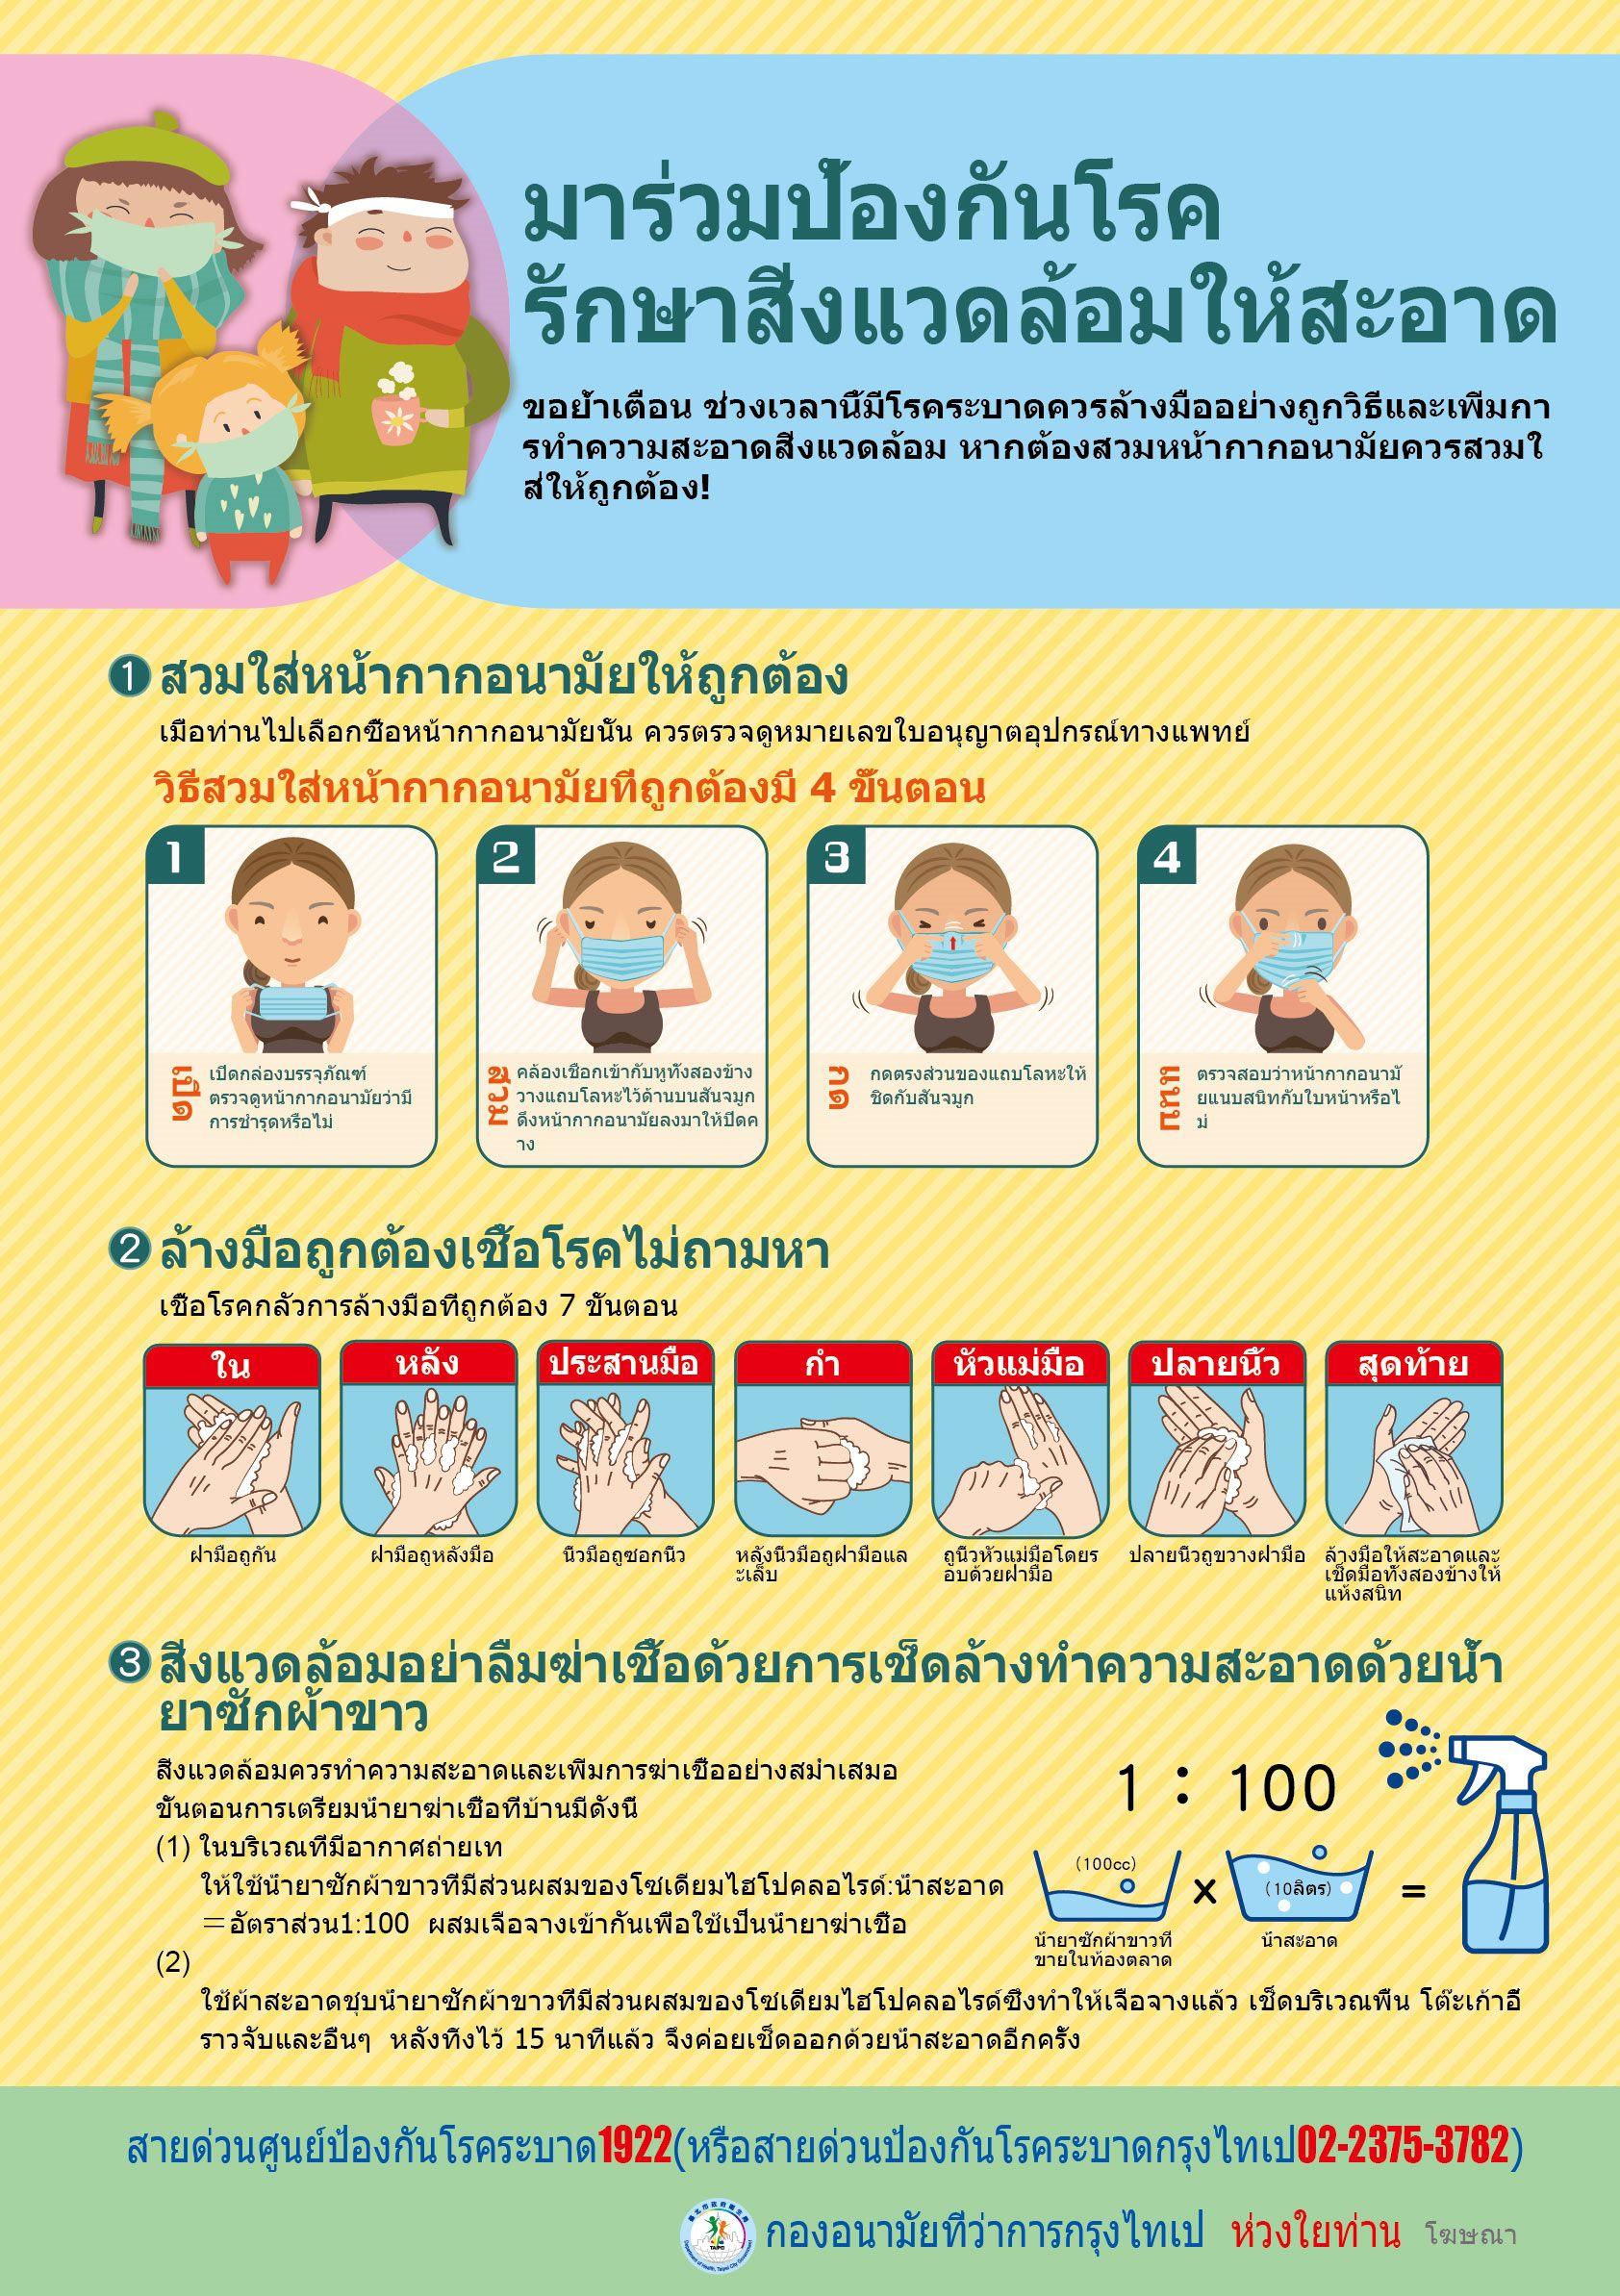 ป้องกันโรคระบาดที่ถูกต้องมาร่วมทำความสะอาดสิ่งแวดล้อม-ฉบับหลายภาษา